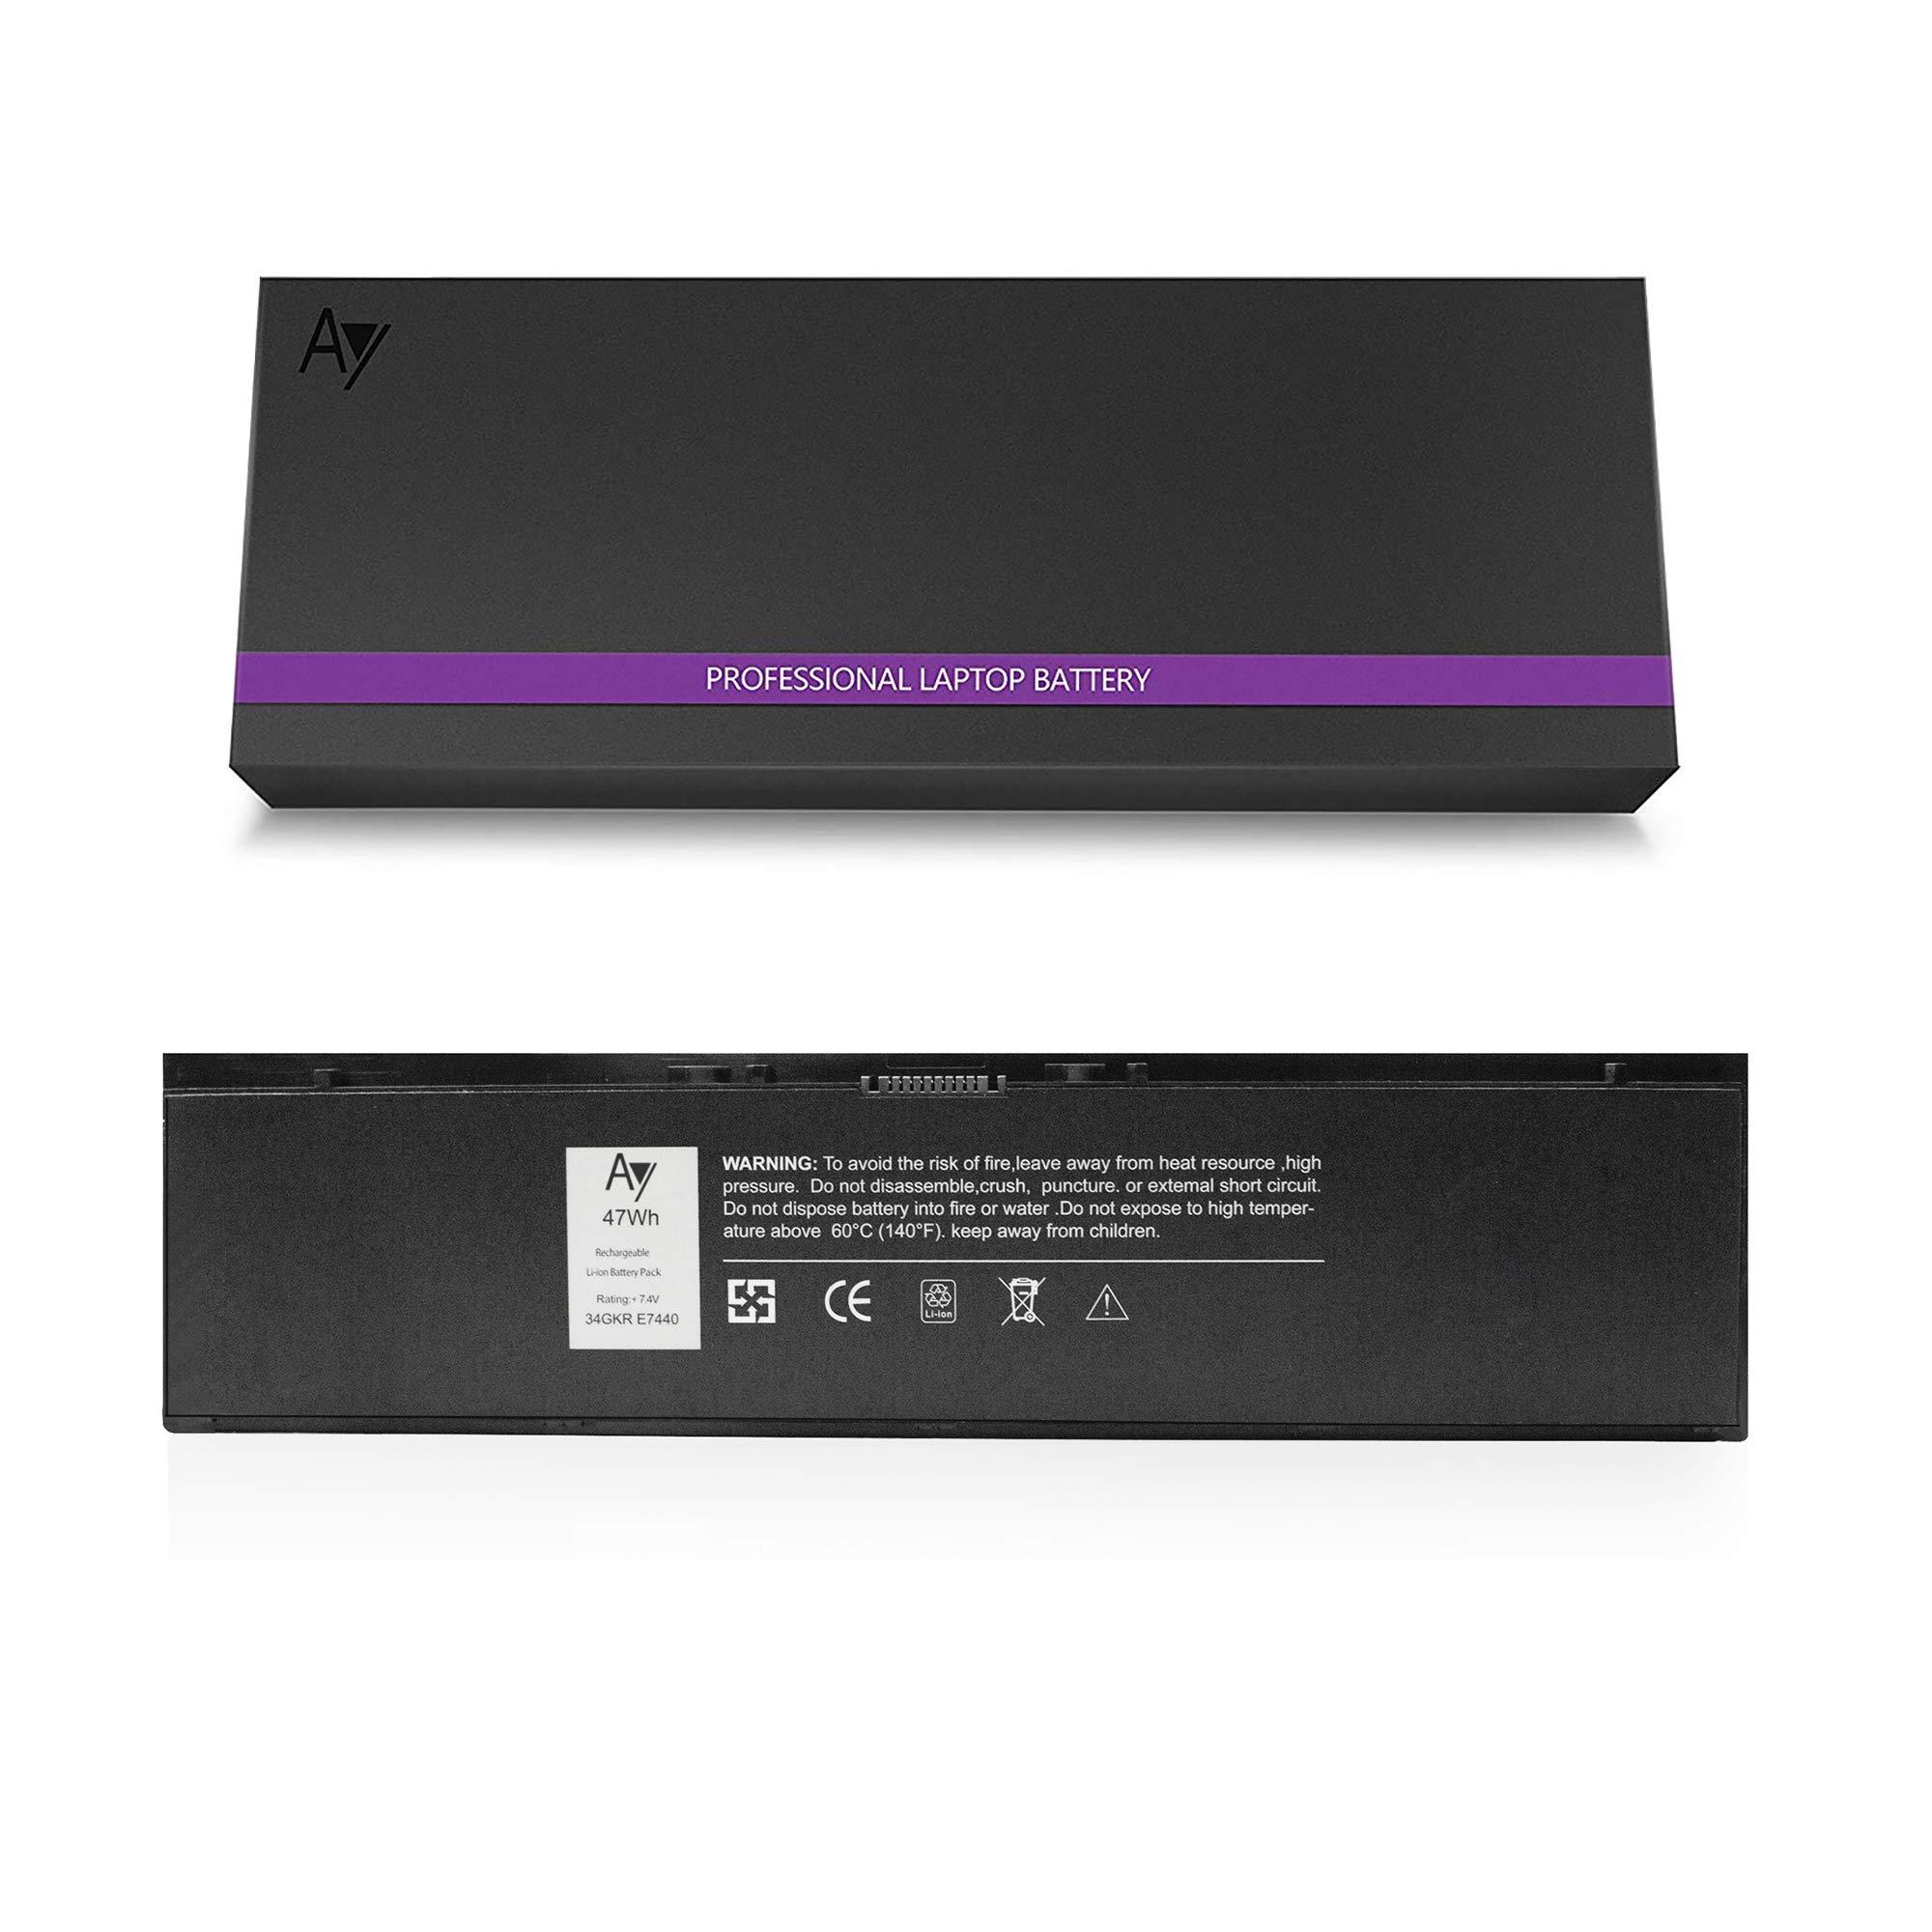 Bateria E7440 7.4v / 47wh Para Dell Latitude E7440 E7420 E7450 14 7000 Series 3rnfd V8xn3 G95j5 34gkr 0909h5 0g95j5 5k1g